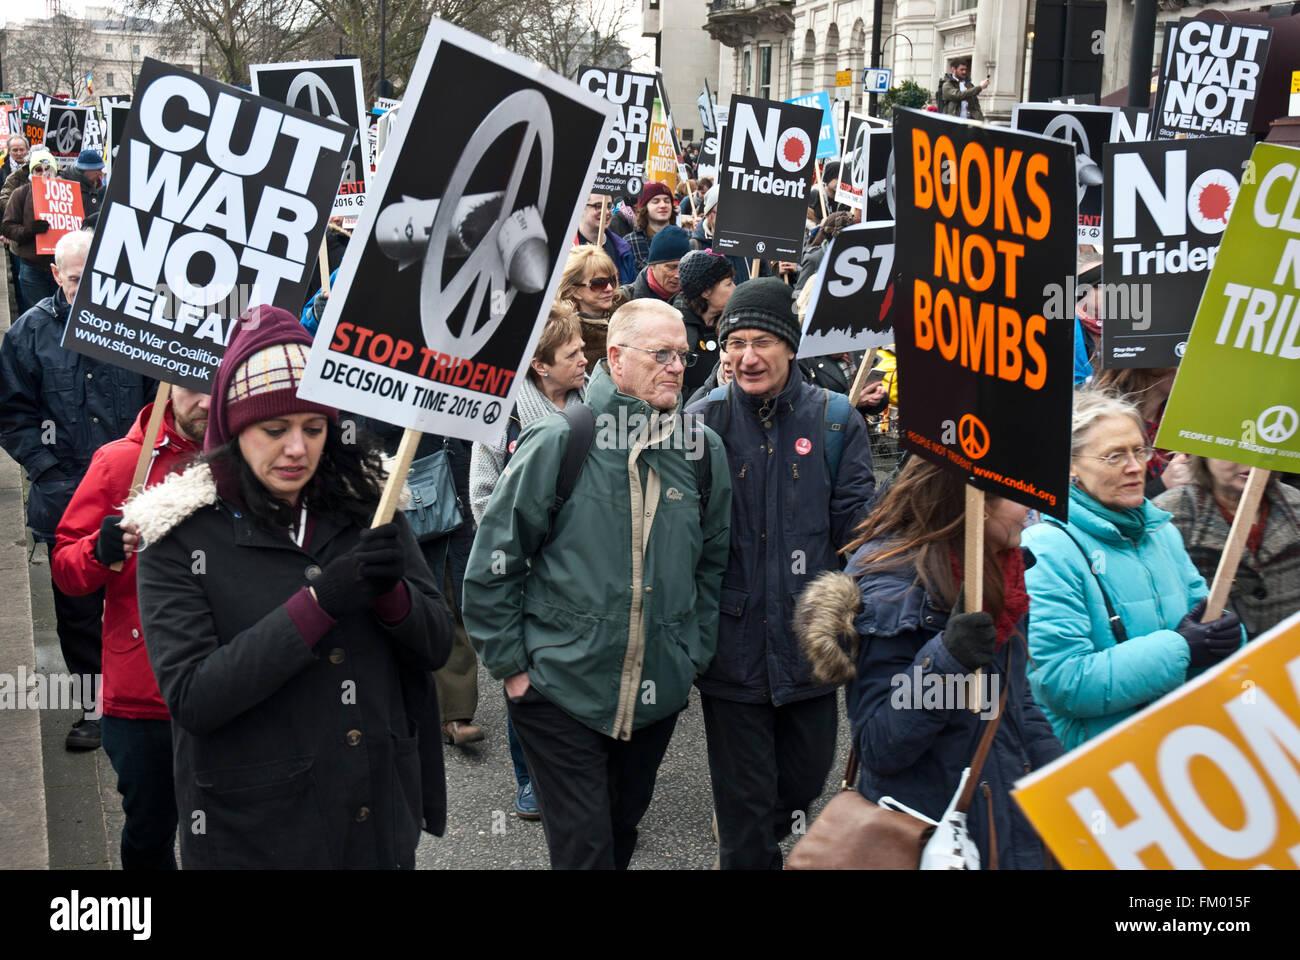 """Cnd demo con poster 'libri non bombe' 'Stop trident 'taglia la guerra non welfare """". Londra Immagini Stock"""